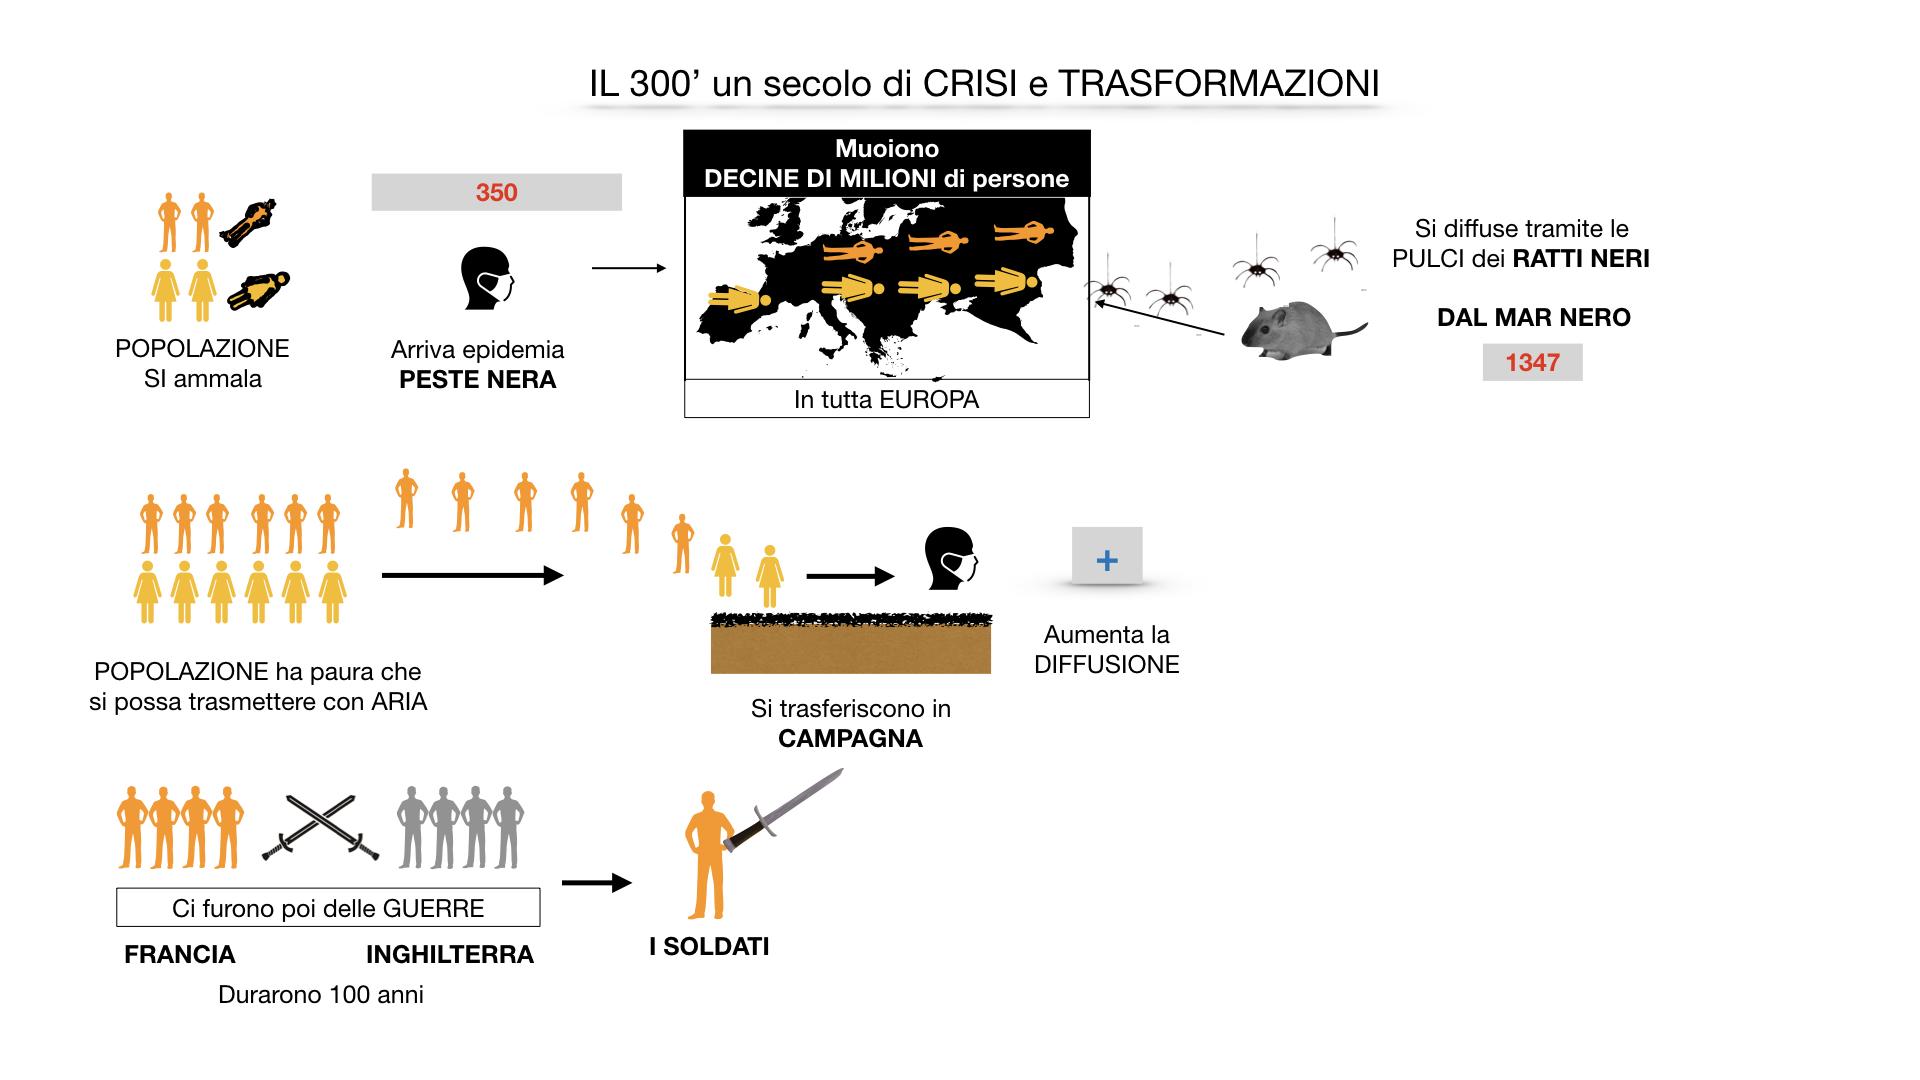 il 300 crisi e trasformazioni_ SIMULAZIONE.029